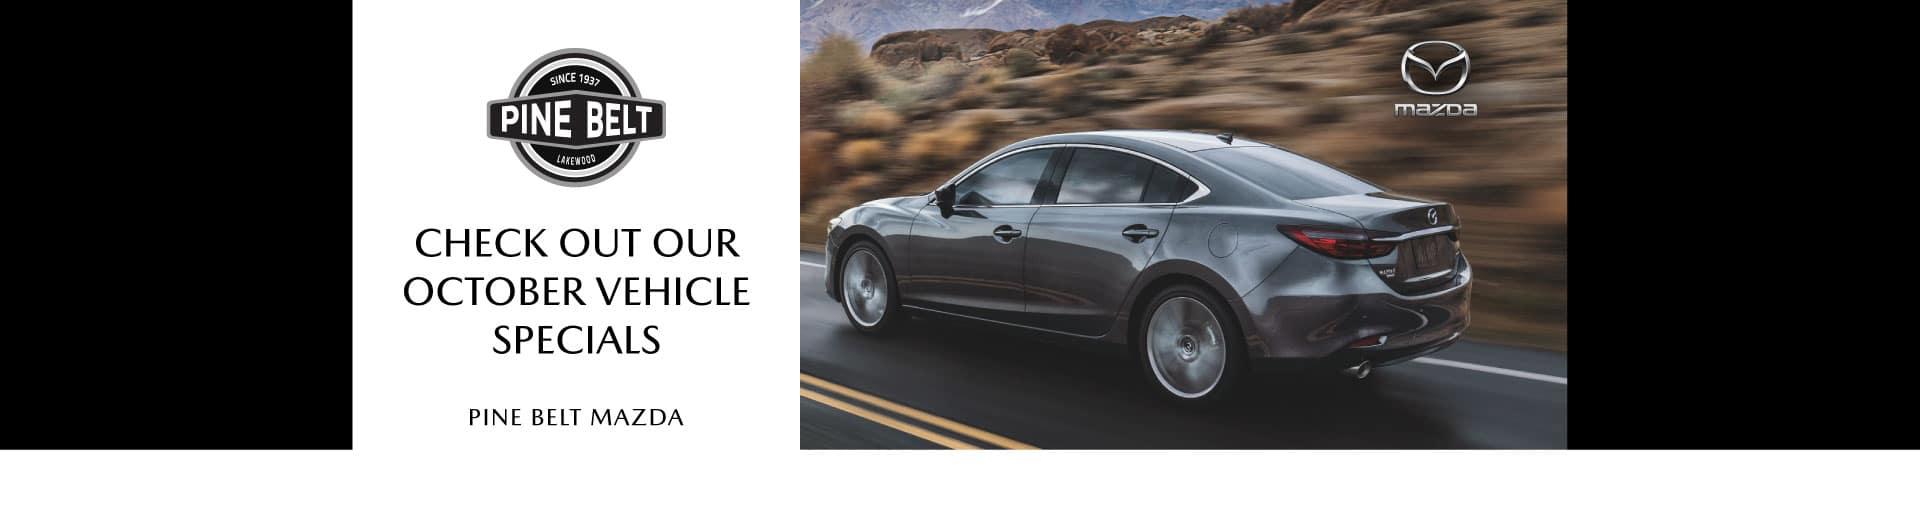 PBE-000-October-Monthly-Specials_Mazda (1)